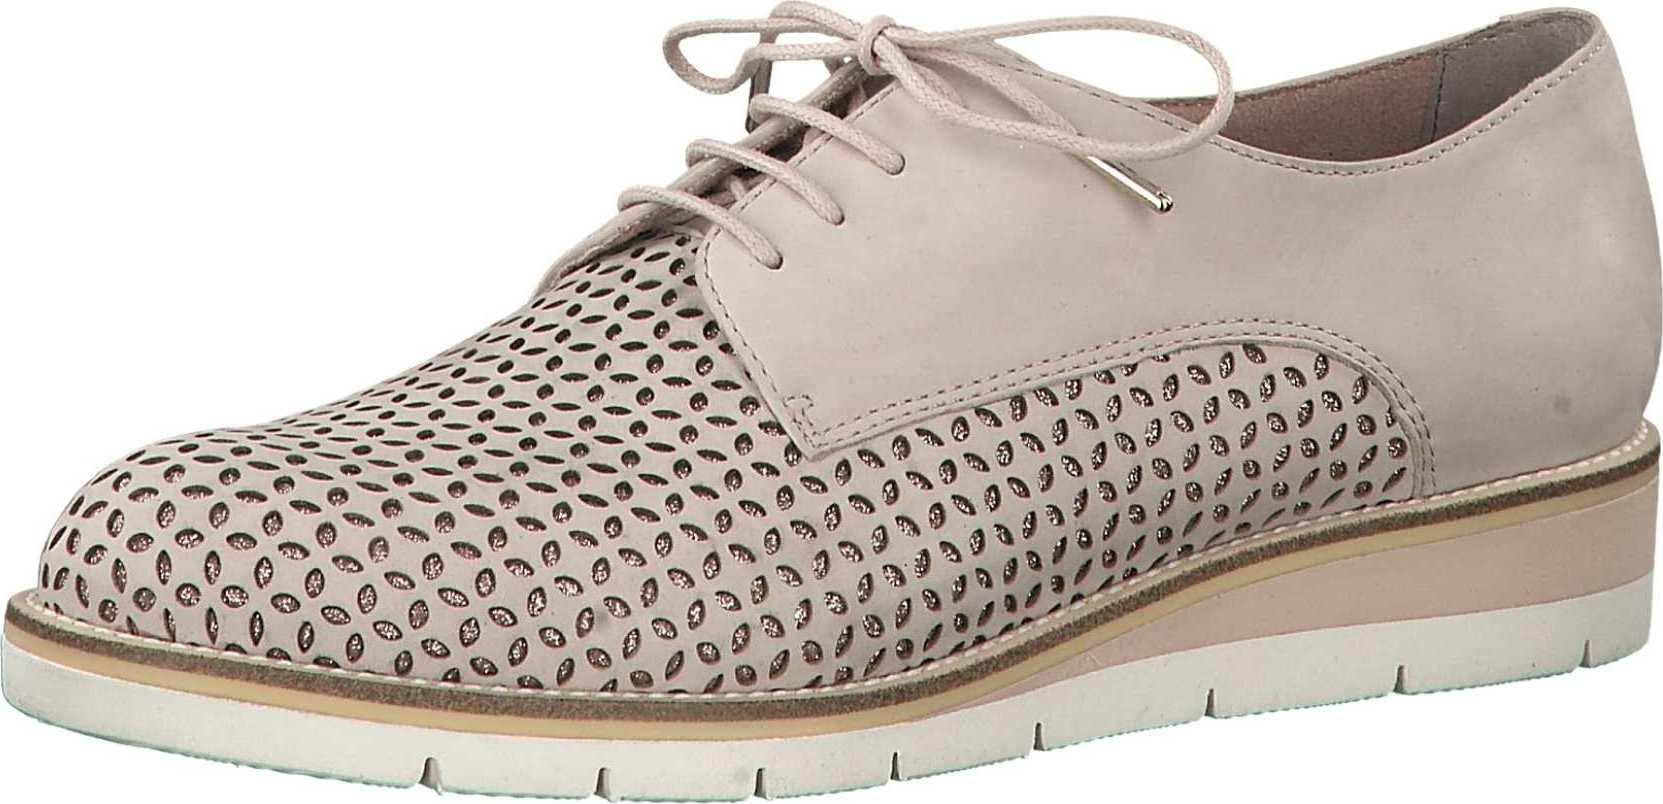 3aaaaf7b8fc8 Dámská obuv TAMARIS 1-1-23202-22 ROSE NUBUC 566 1-1-23202-22 ROSE NUBUC 566